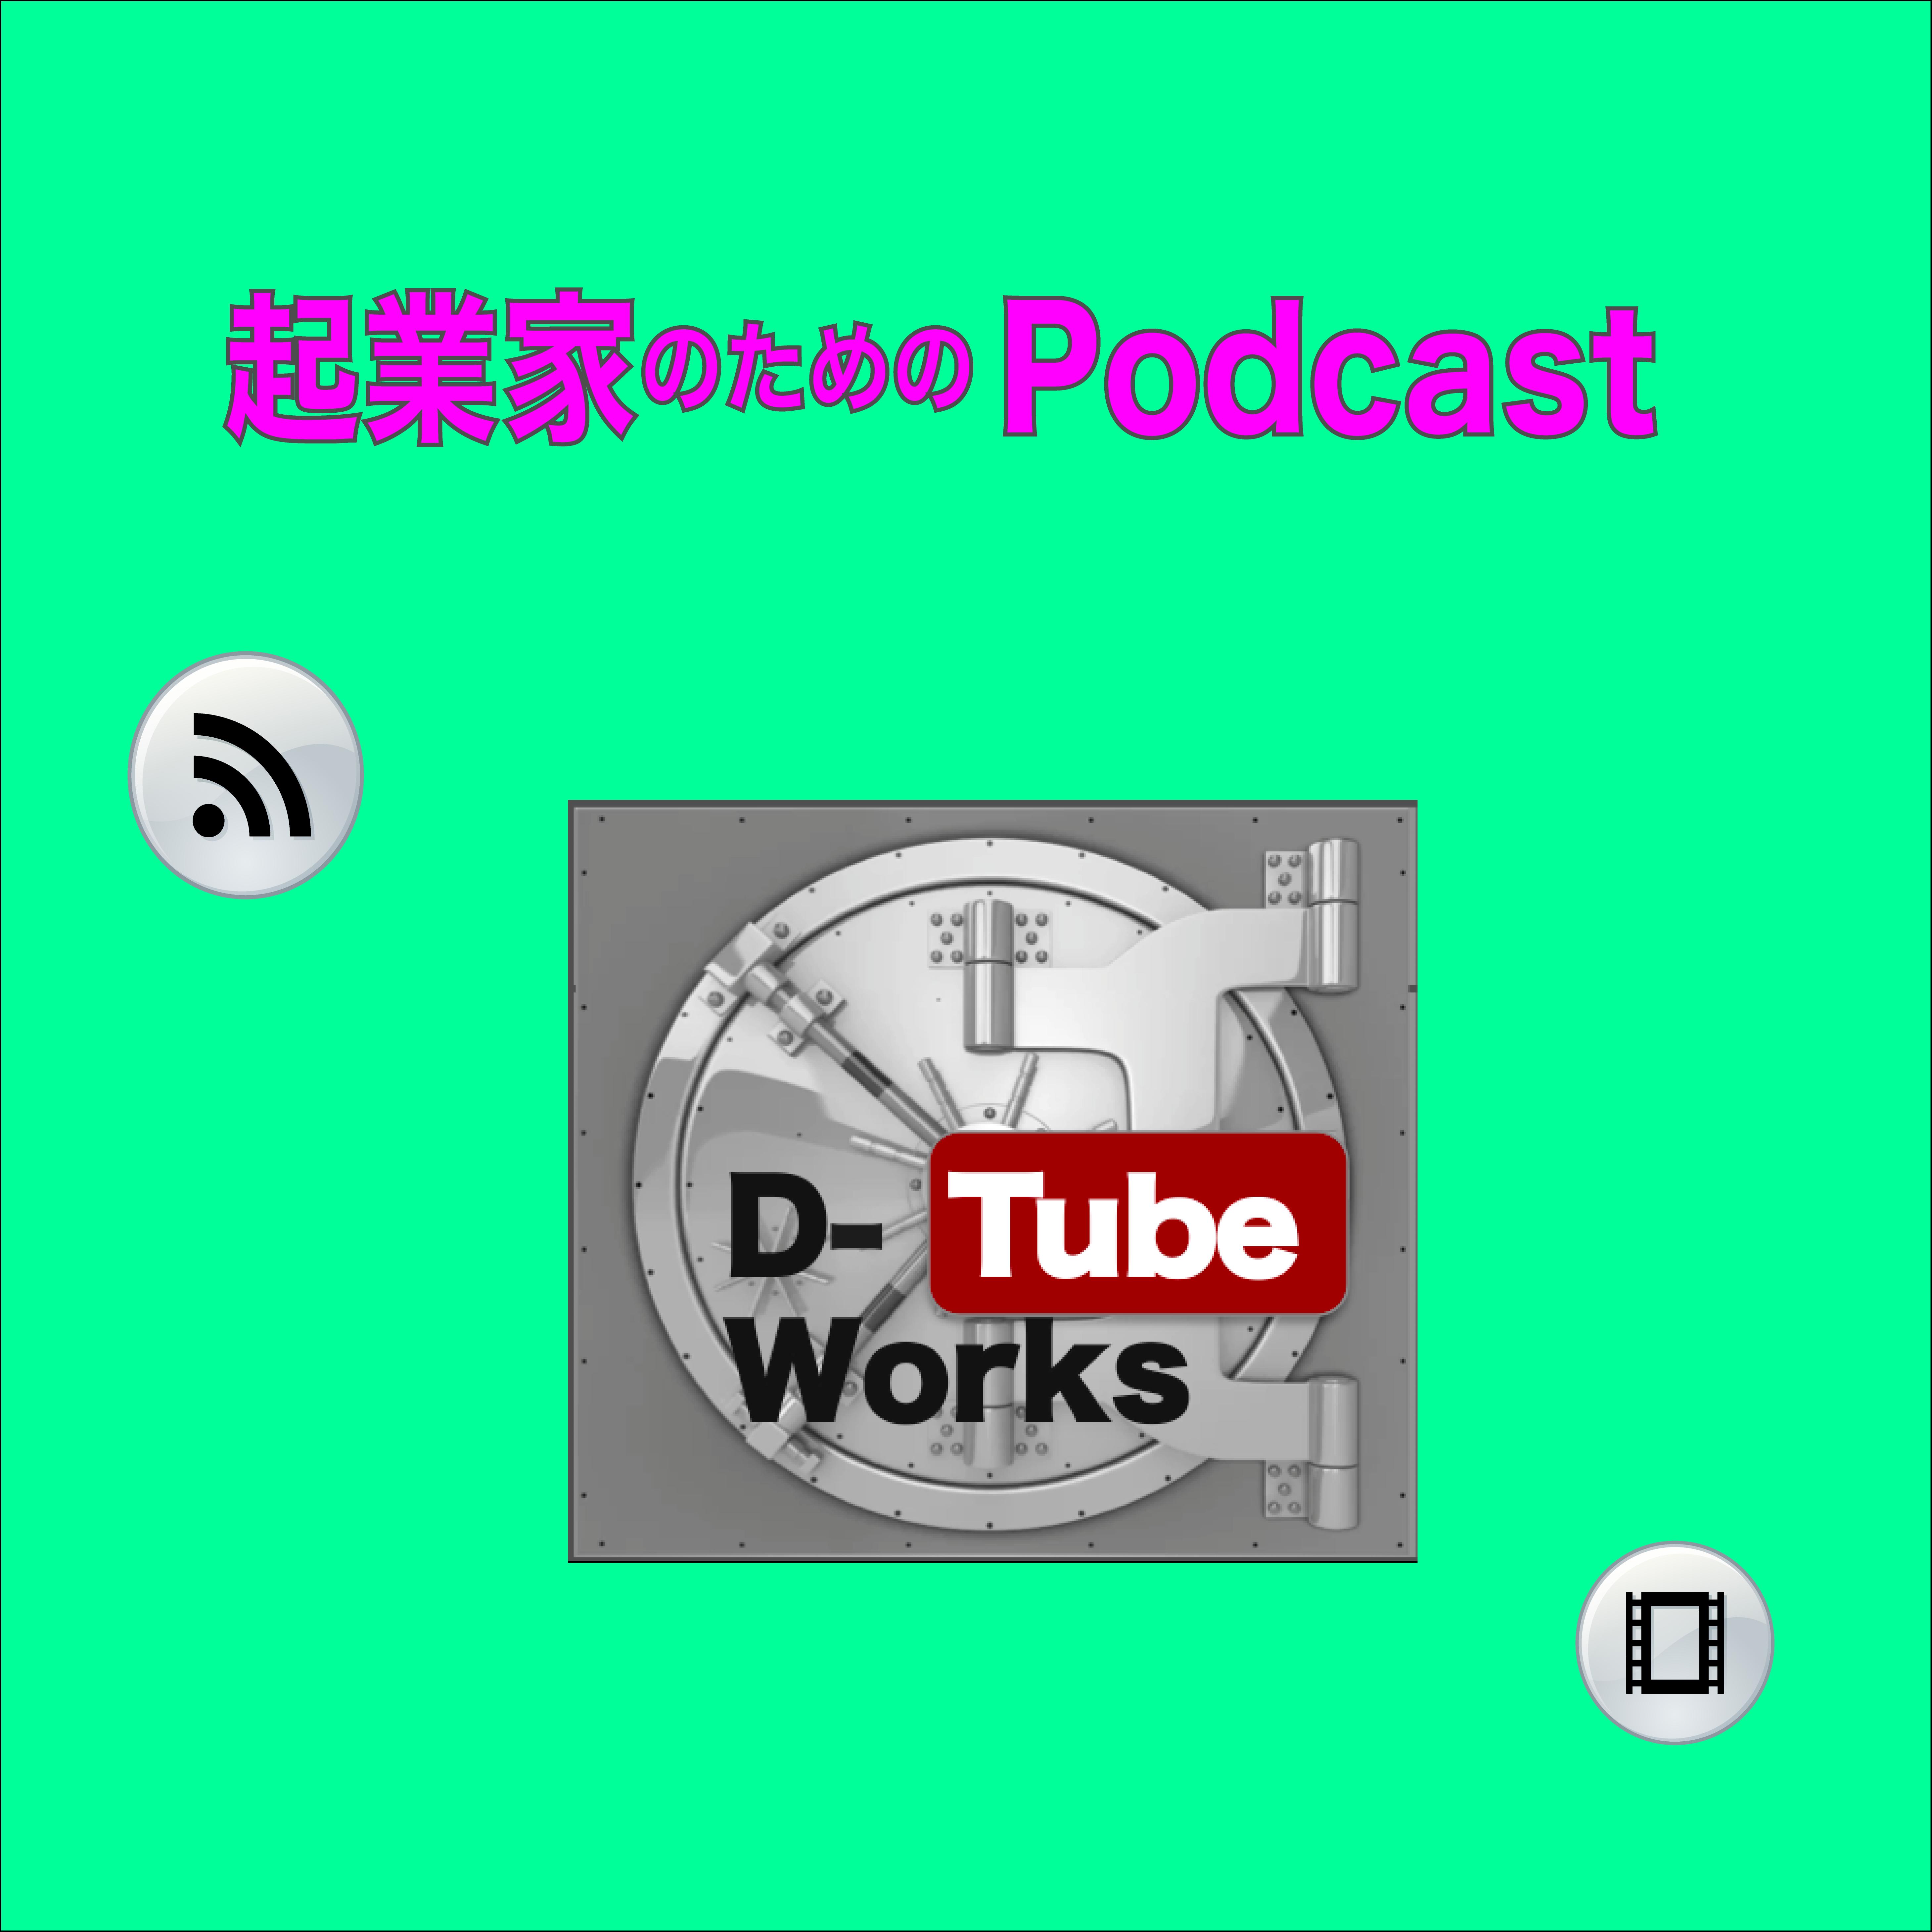 起業家のためのpodcast